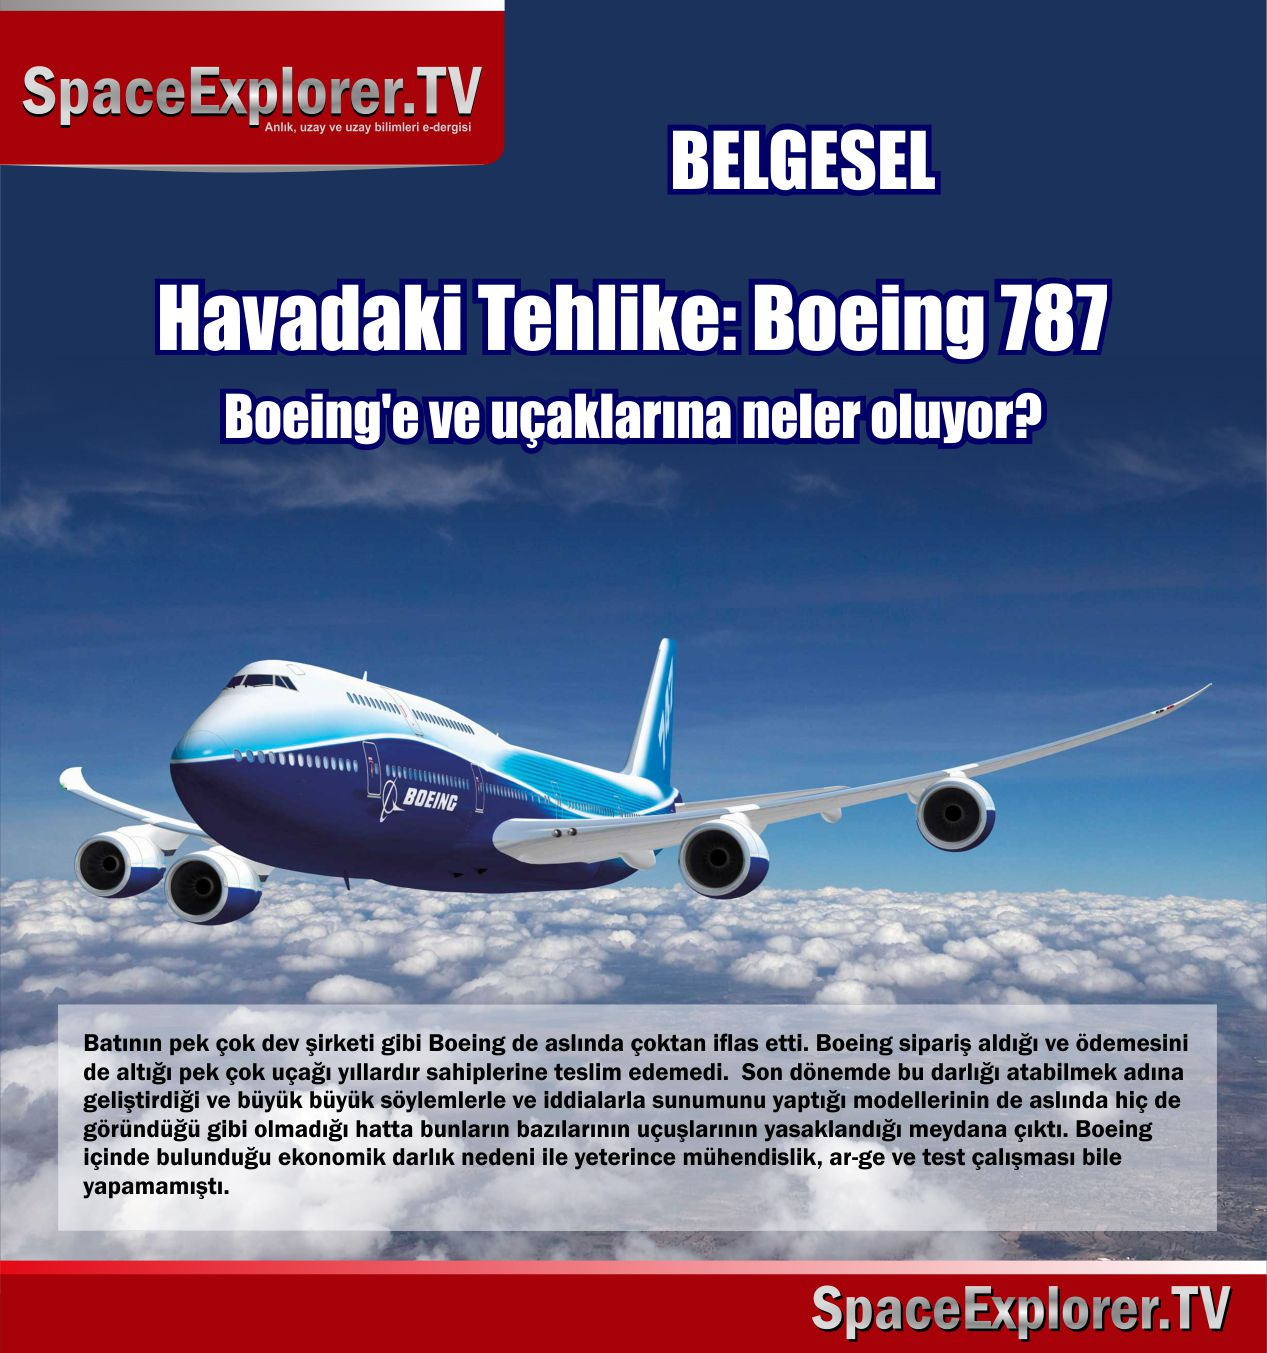 Belgesel: Havadaki Tehlike: Boeing 787 (Boeing'e ve uçaklarına neler oluyor?) Video